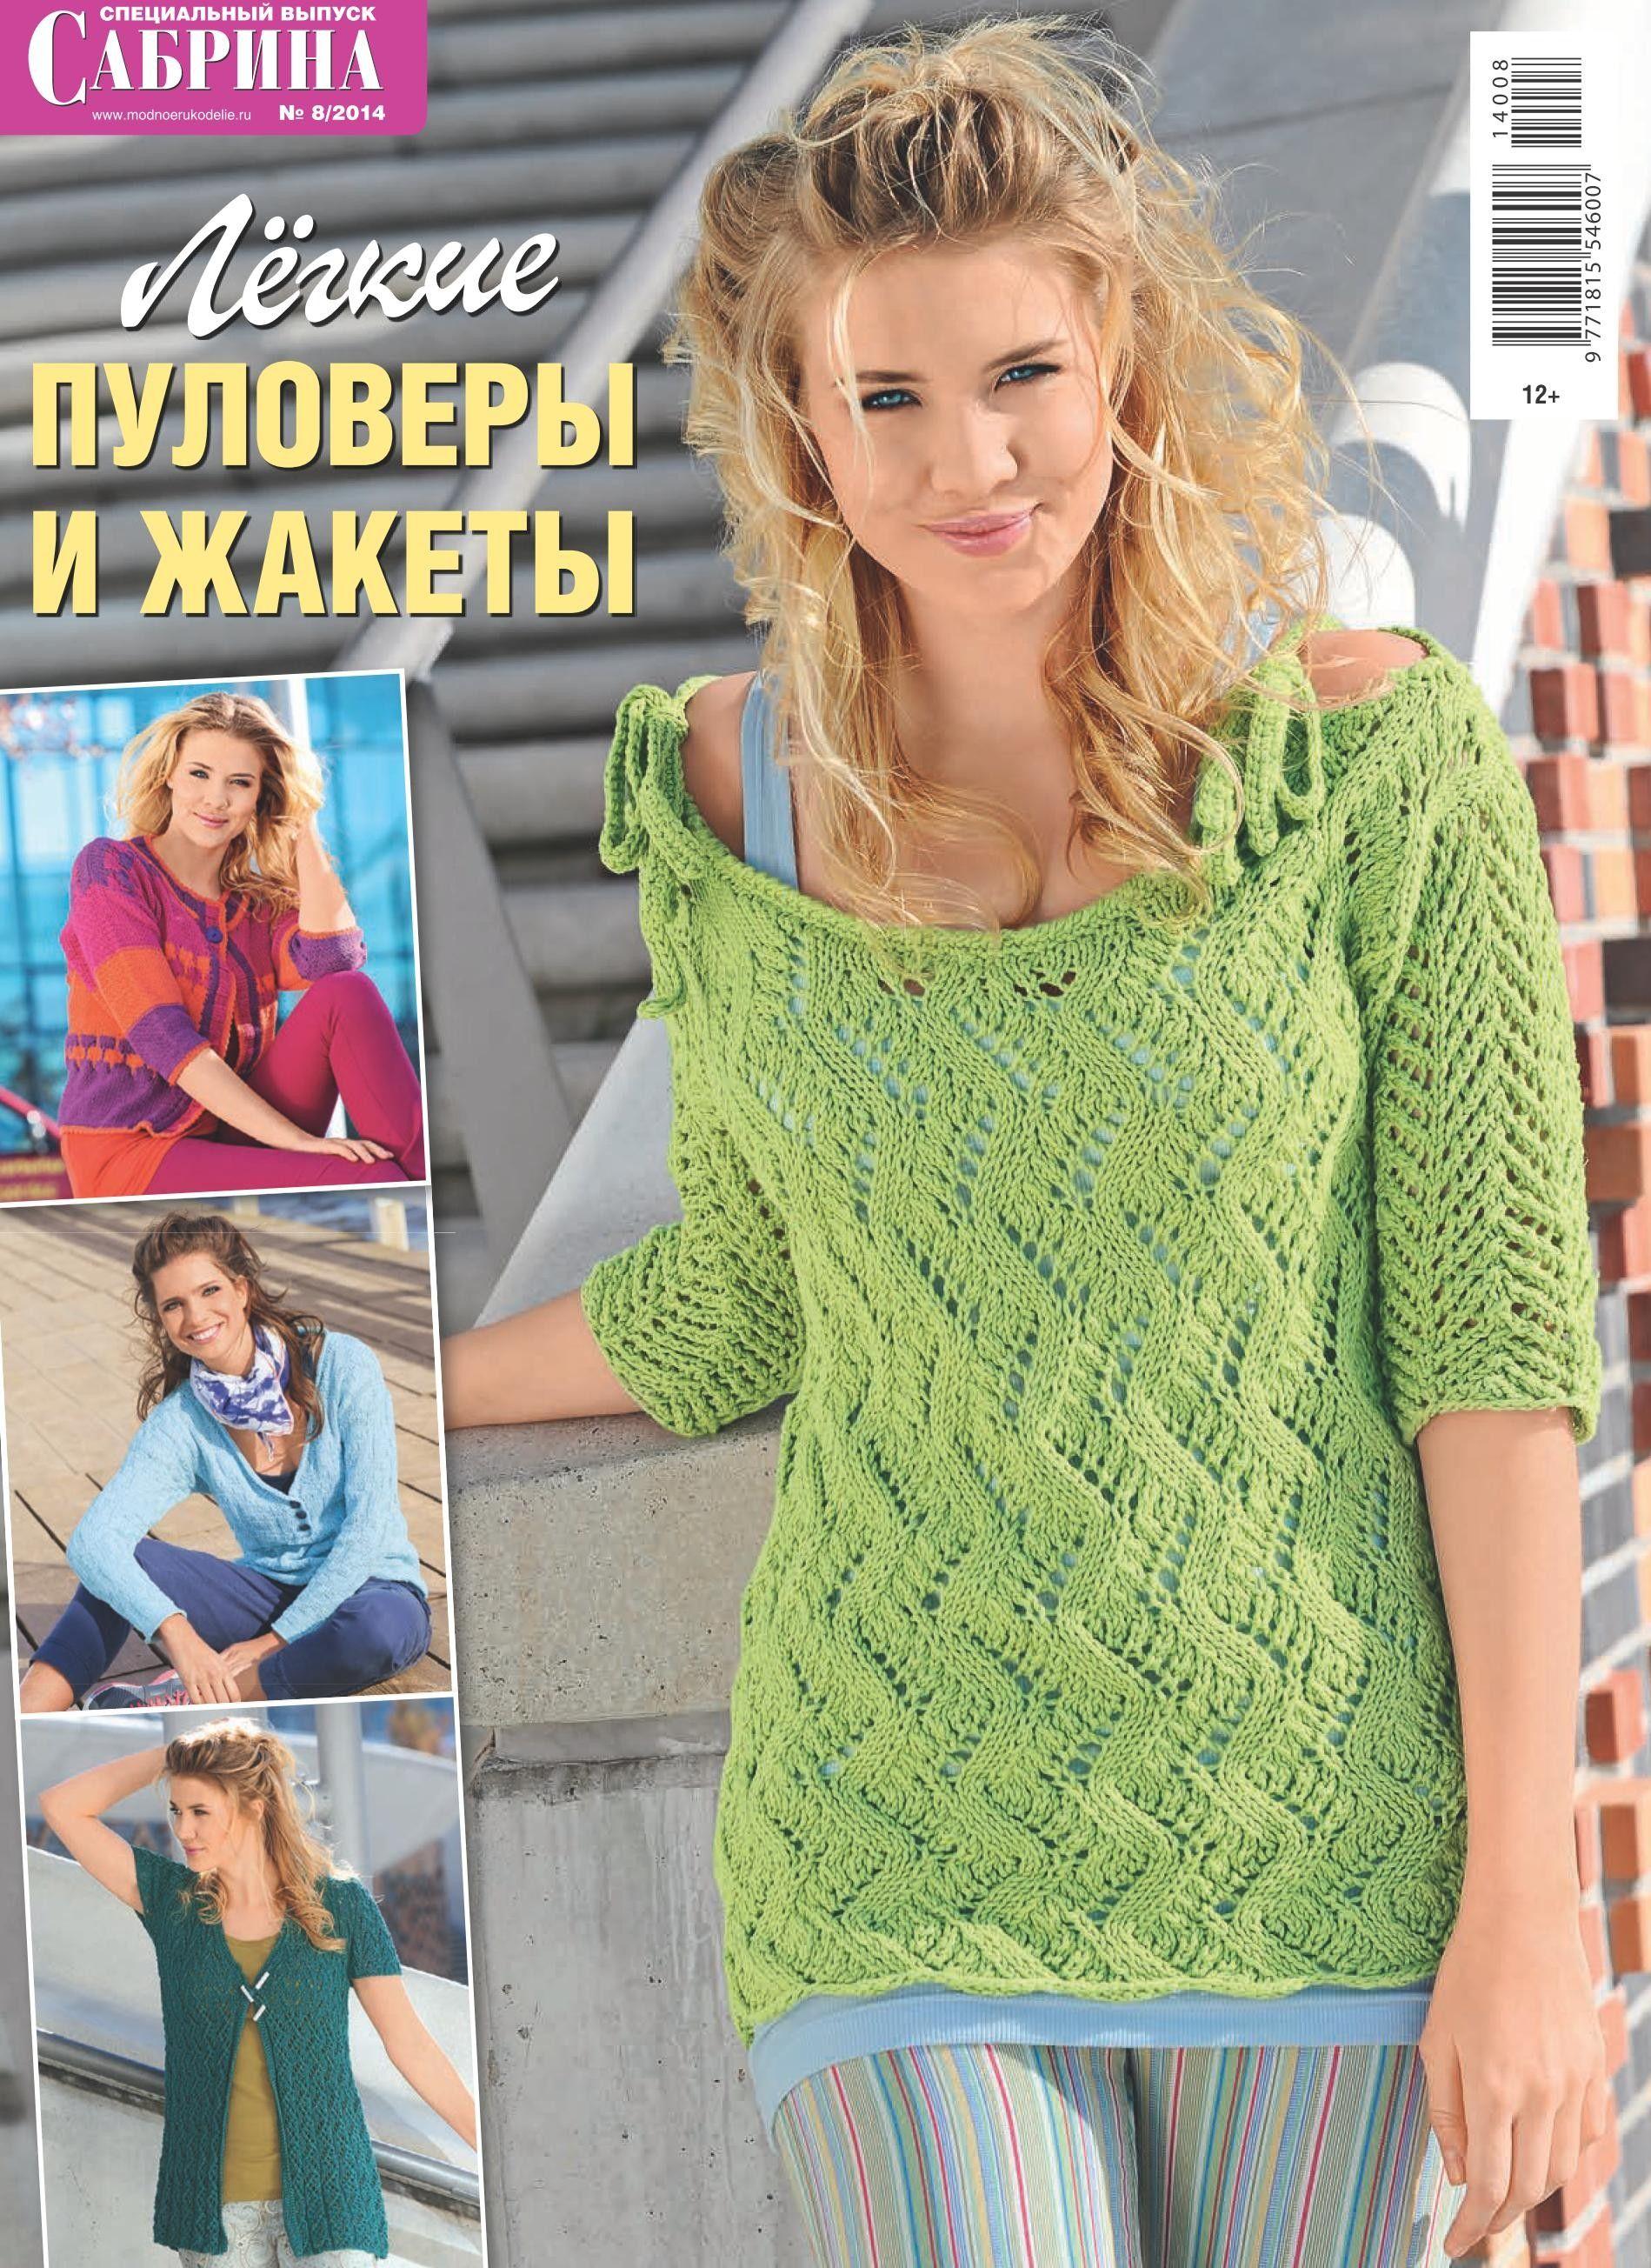 Sabrina knitting (rus) pages 1 - 30